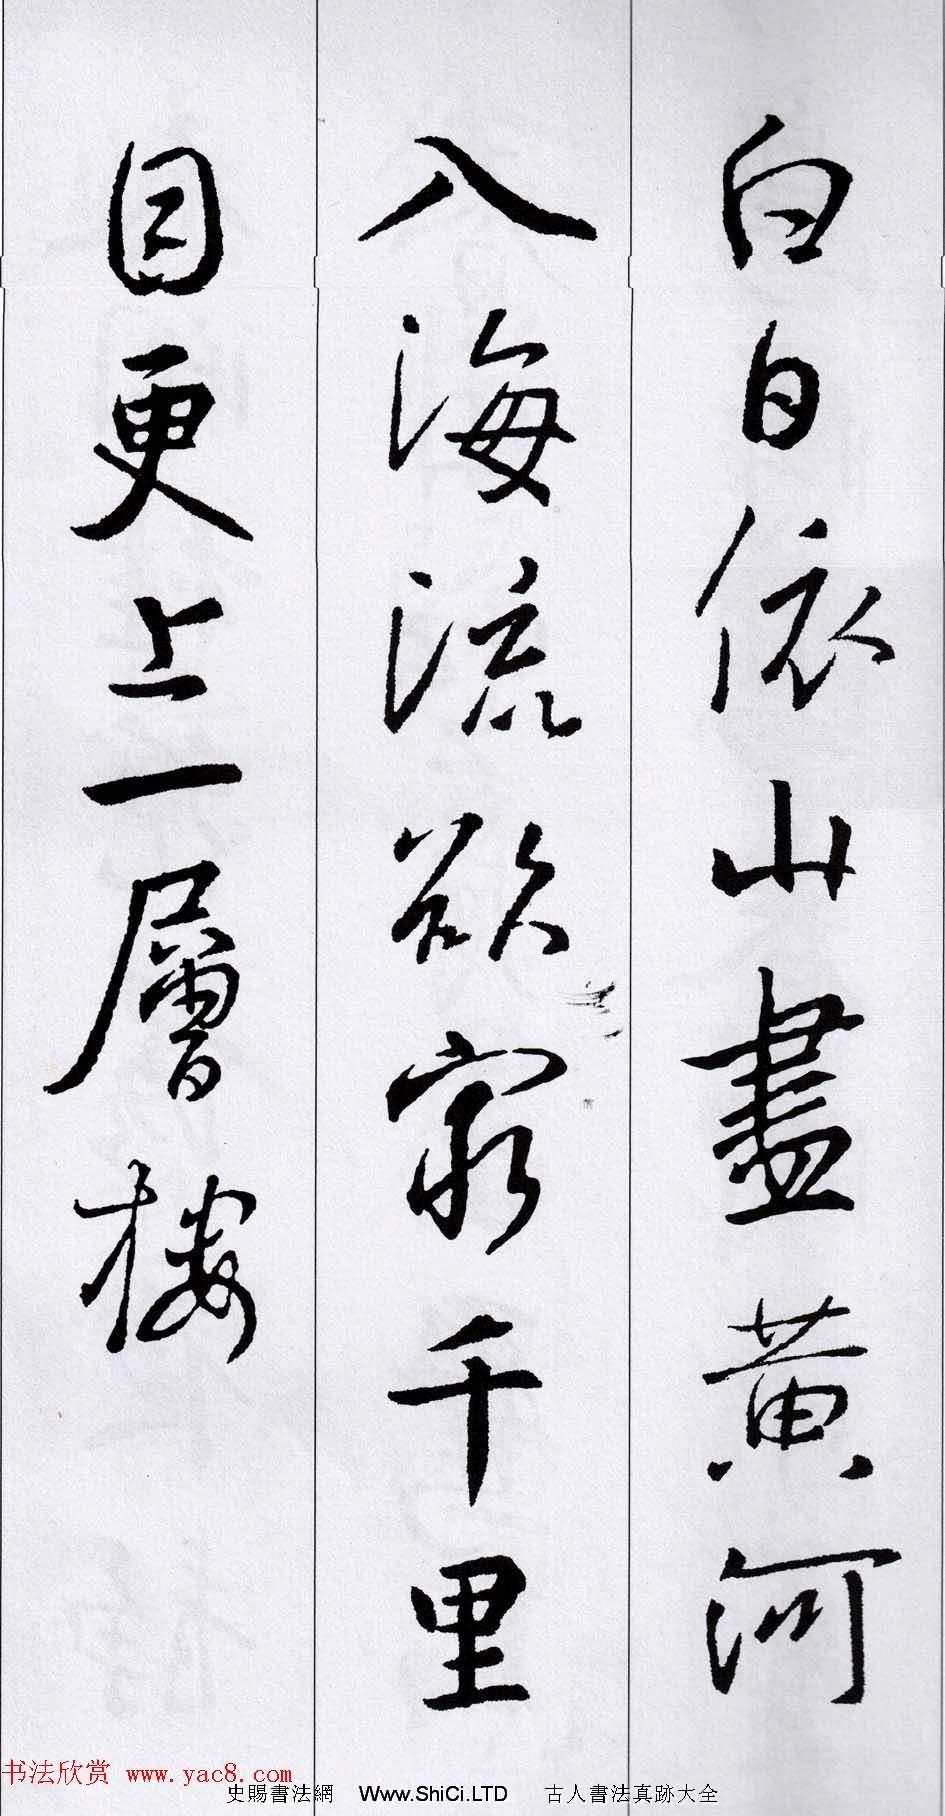 王羲之行書集字五言古詩15首(共15張圖片)